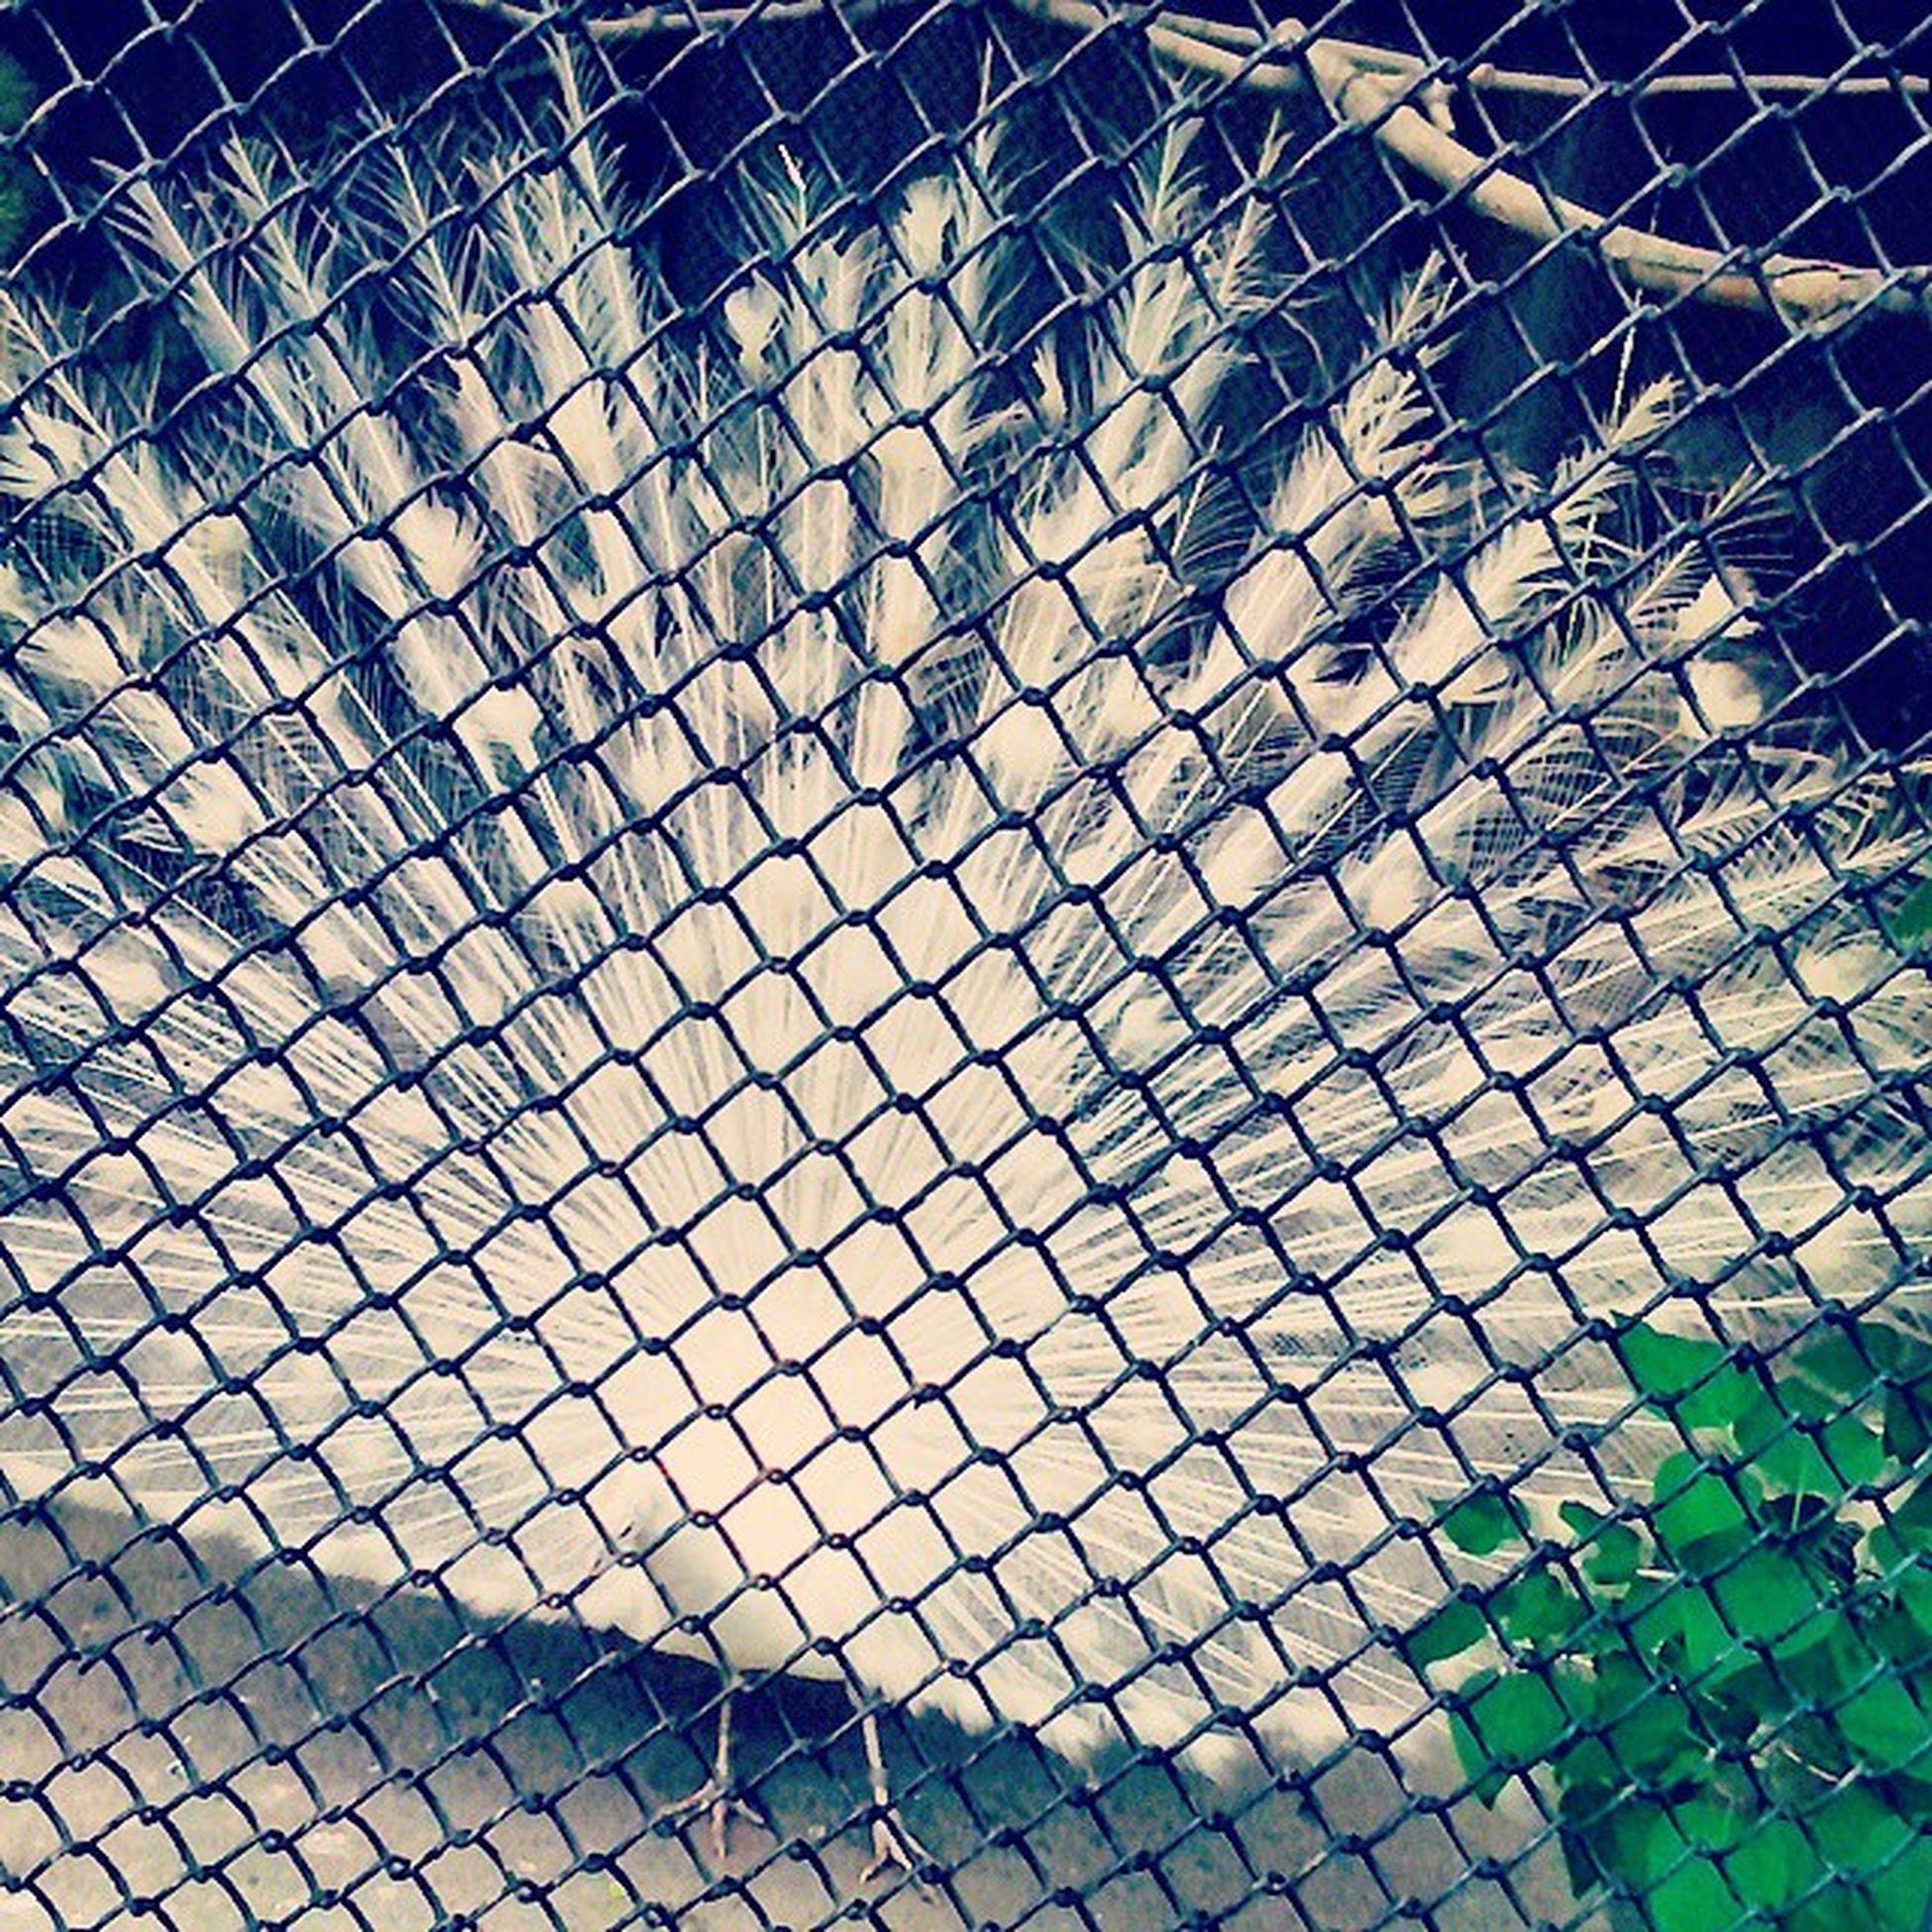 Bird Flyer павлин  птица животные Природа Николаевский_зоопарк павлин_в_клетке Peacock Peafowl